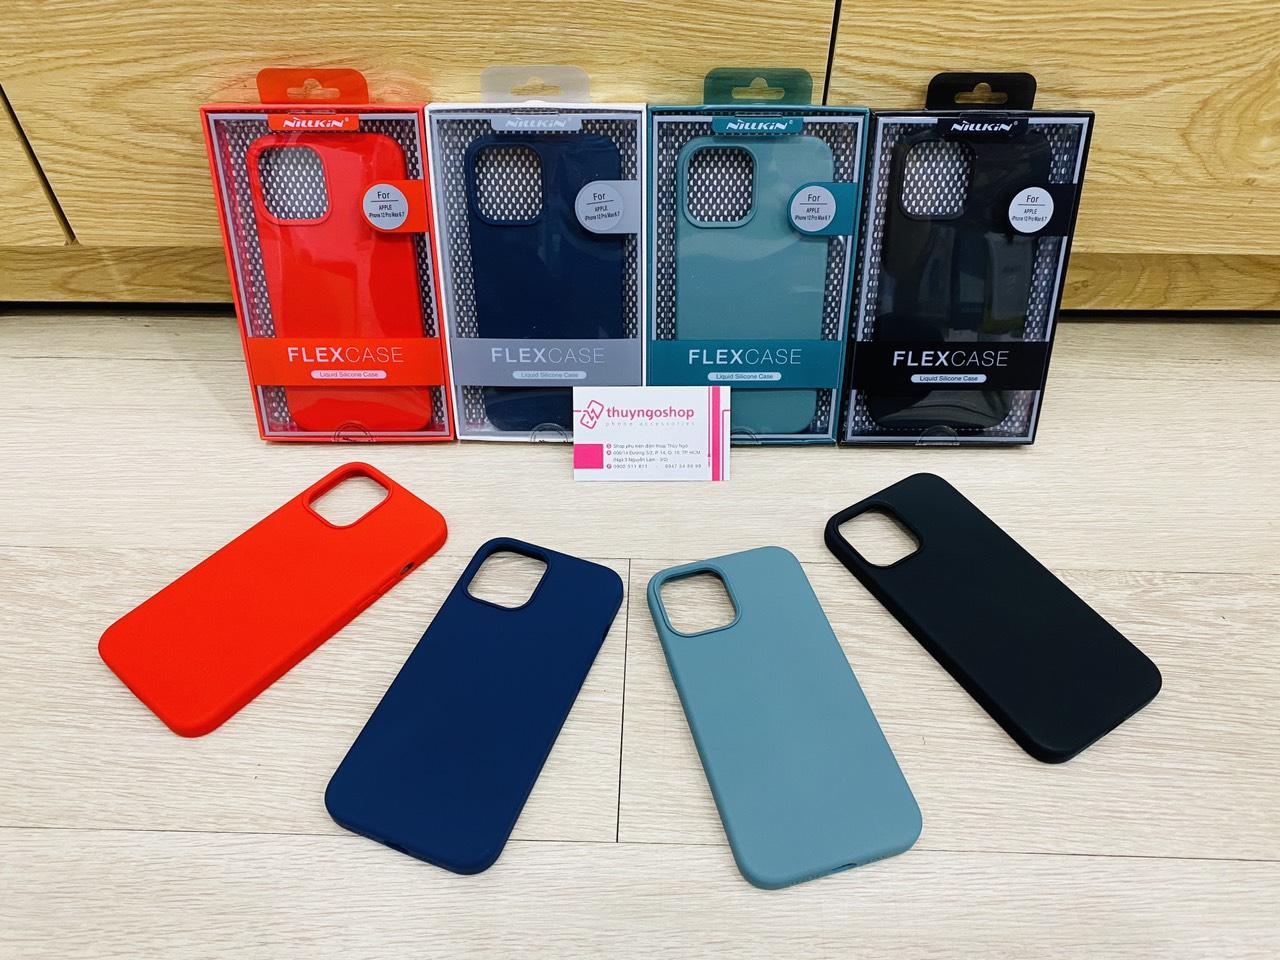 Ốp chống bẩn Nillkin Flex Pure - Iphone 12 Mini / 12 / 12 Pro / 12 Pro Max